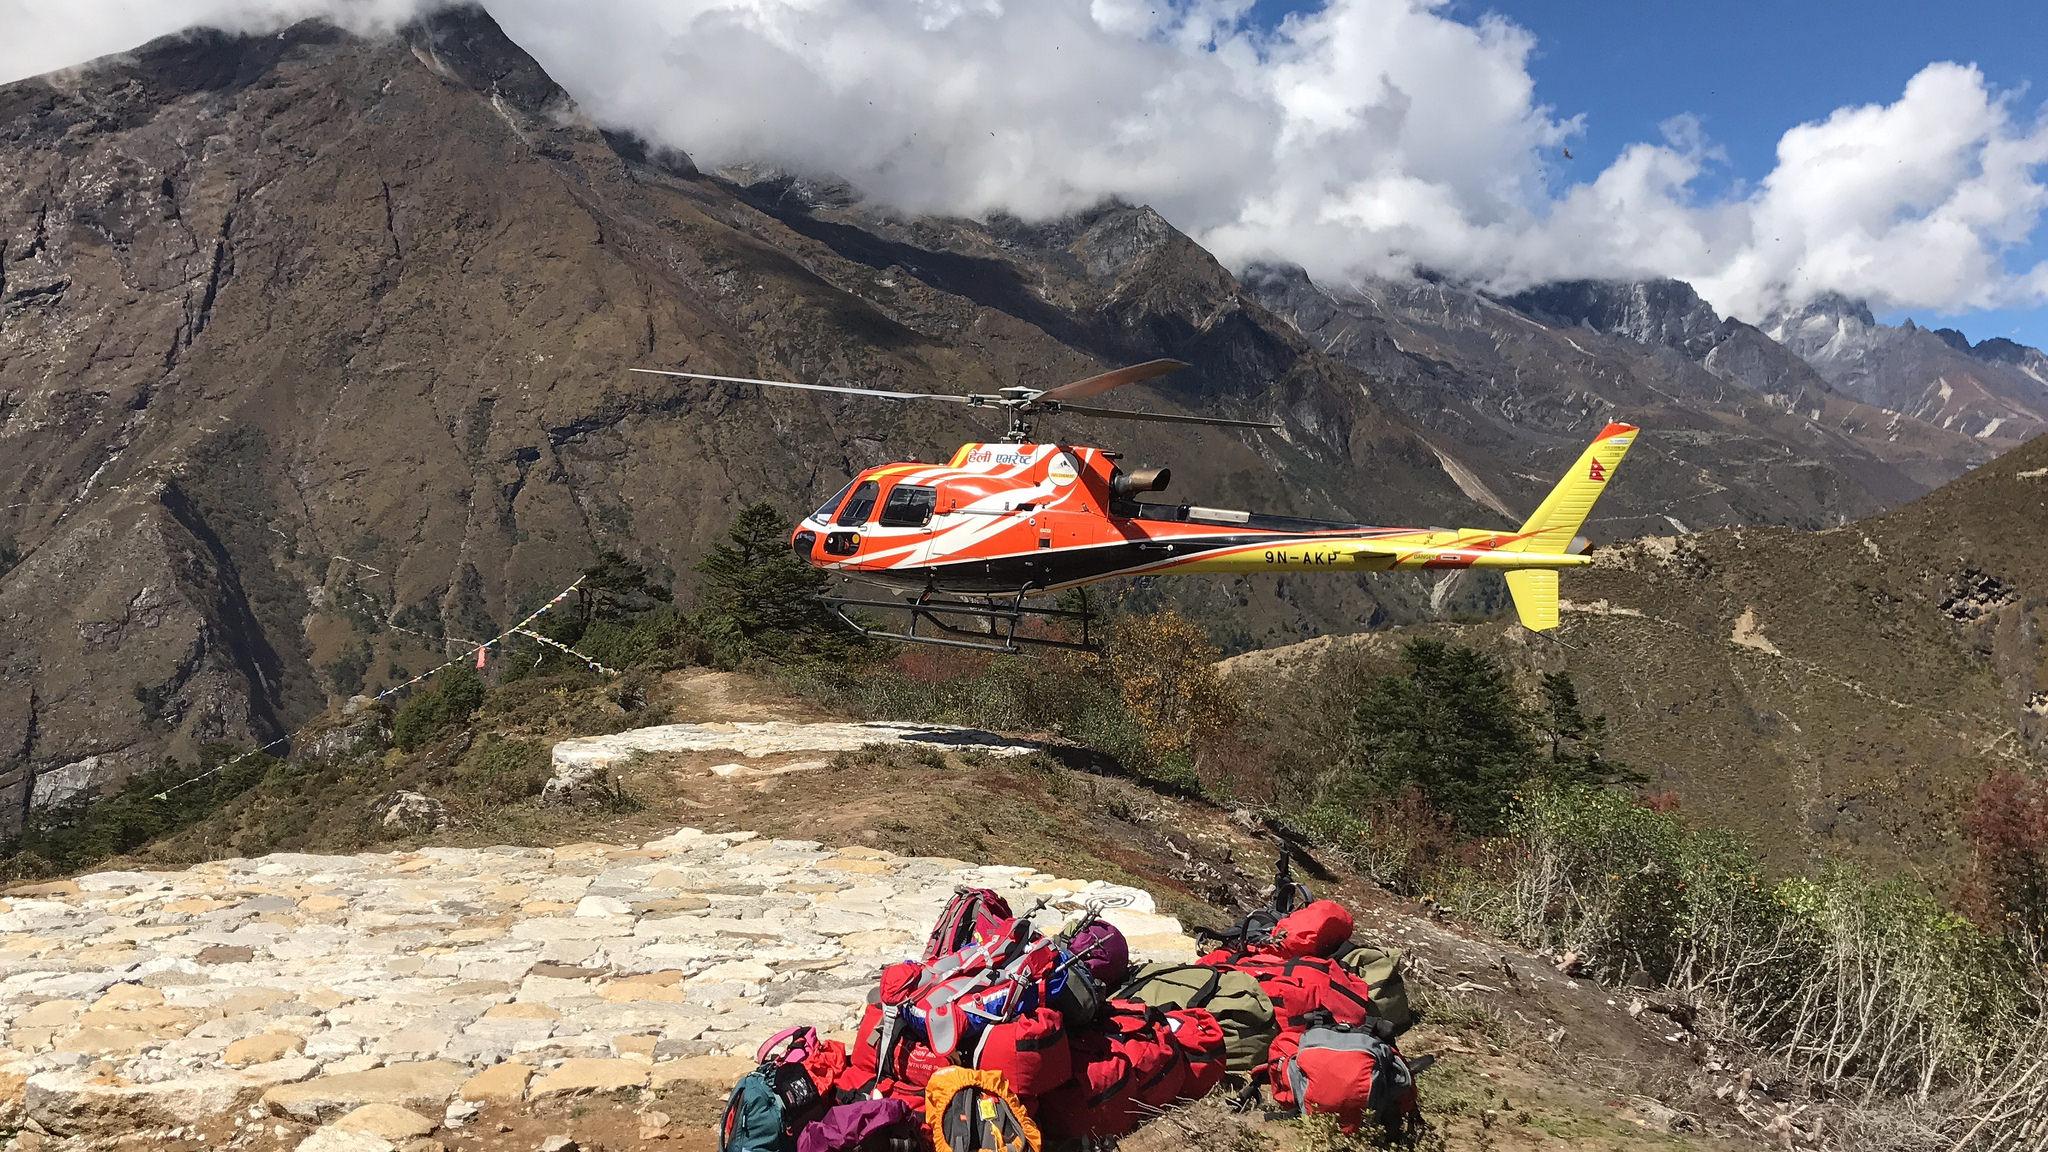 【EBC島峰Gokyo湖】在尼泊爾包直升機下山就是任性。最終章。